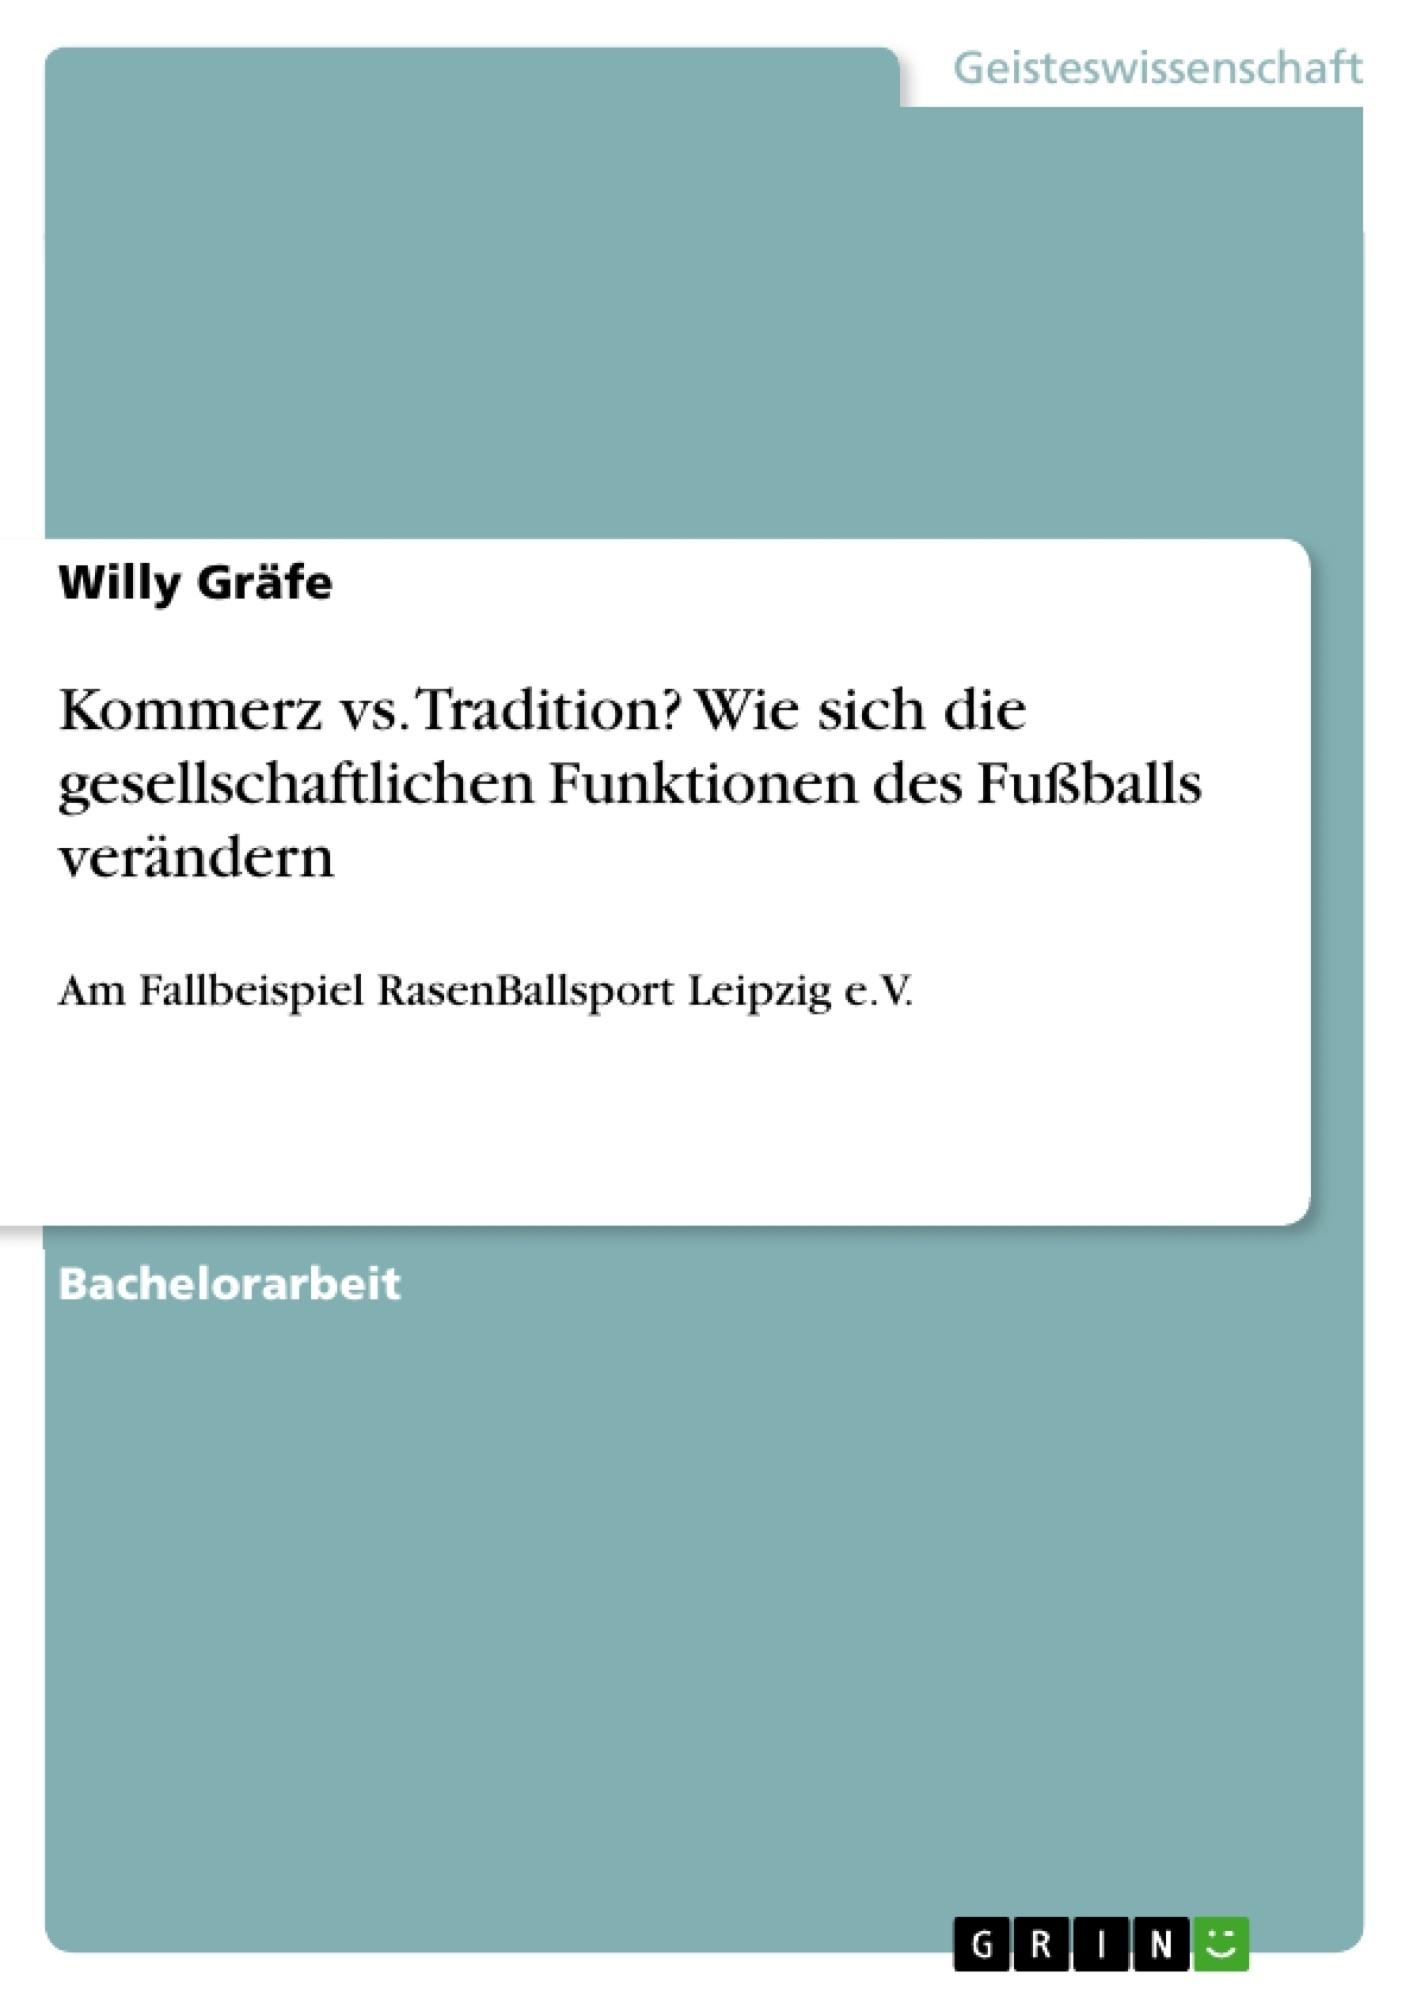 Titel: Kommerz vs. Tradition? Wie sich die gesellschaftlichen Funktionen des Fußballs verändern